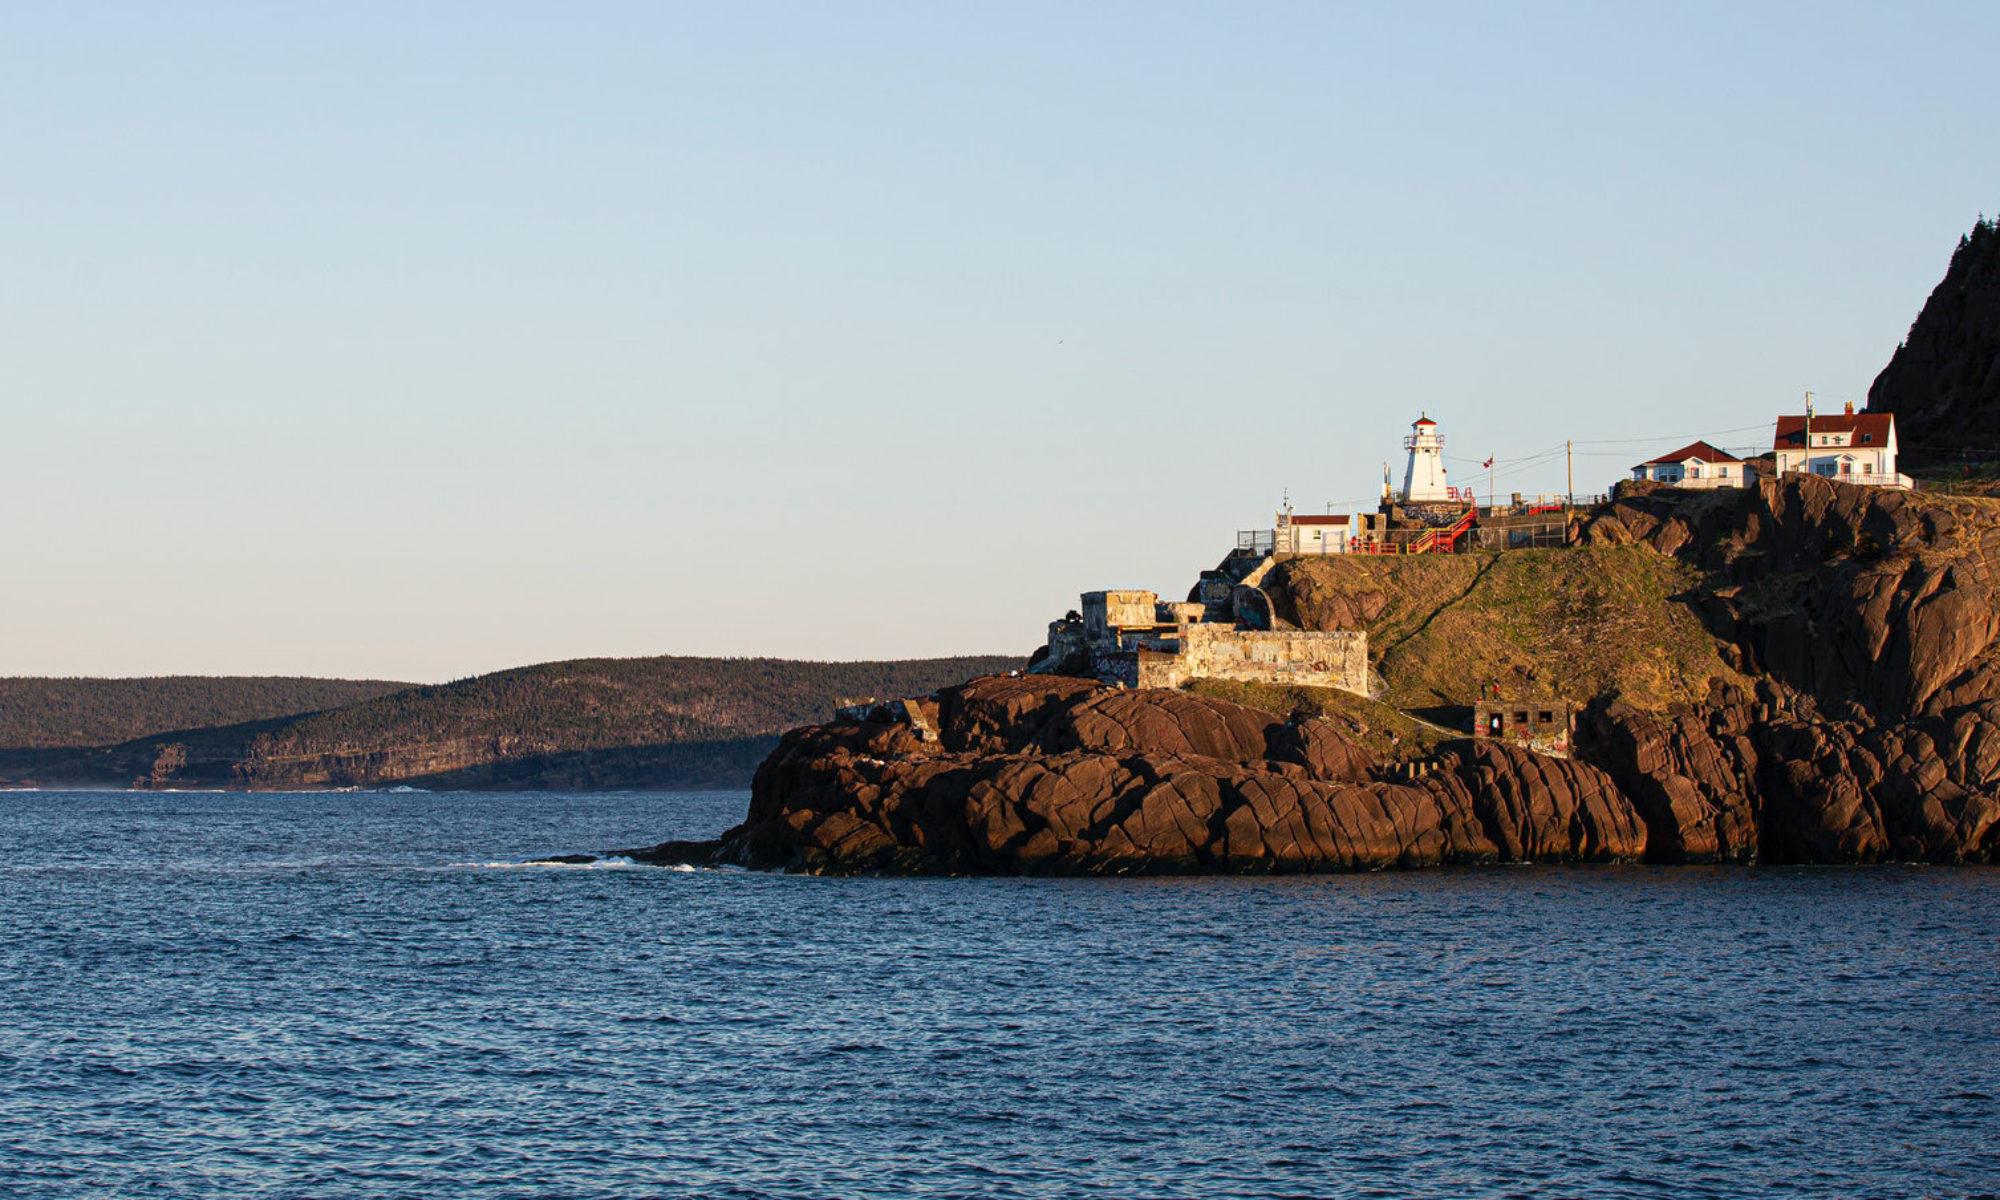 Lighthouse in St. John's harbour